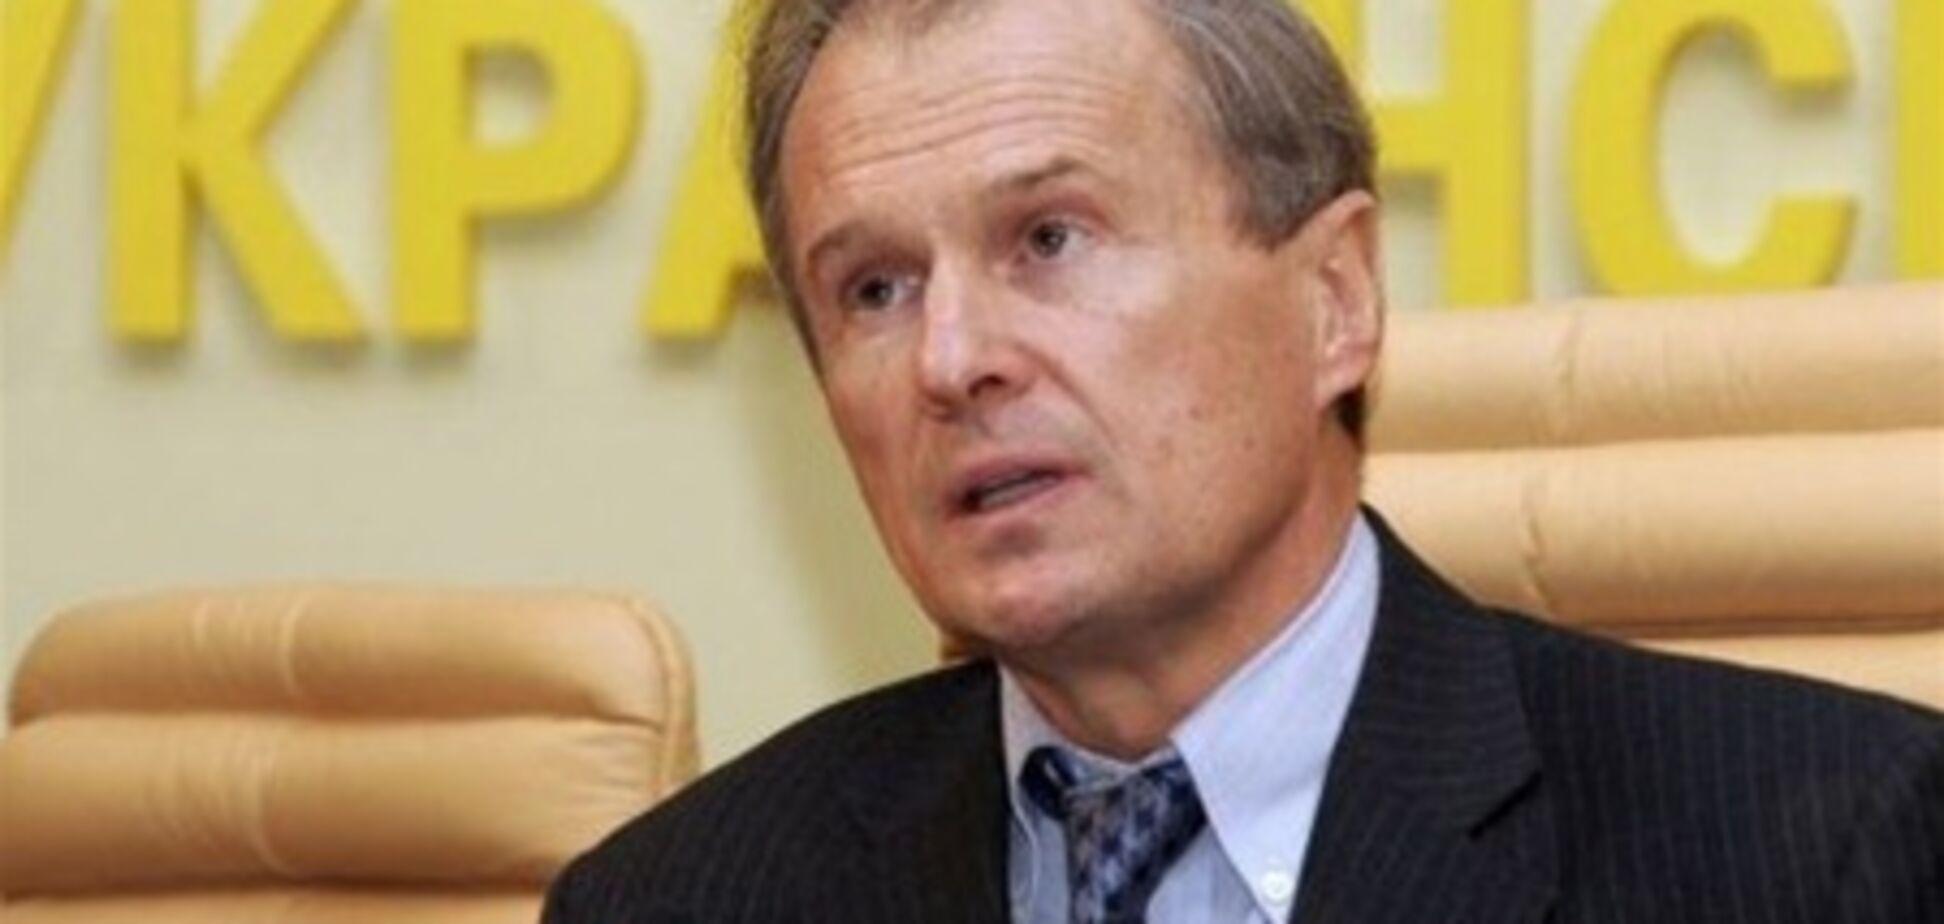 Костенко и Ющенко договорились идти на выборы на равных